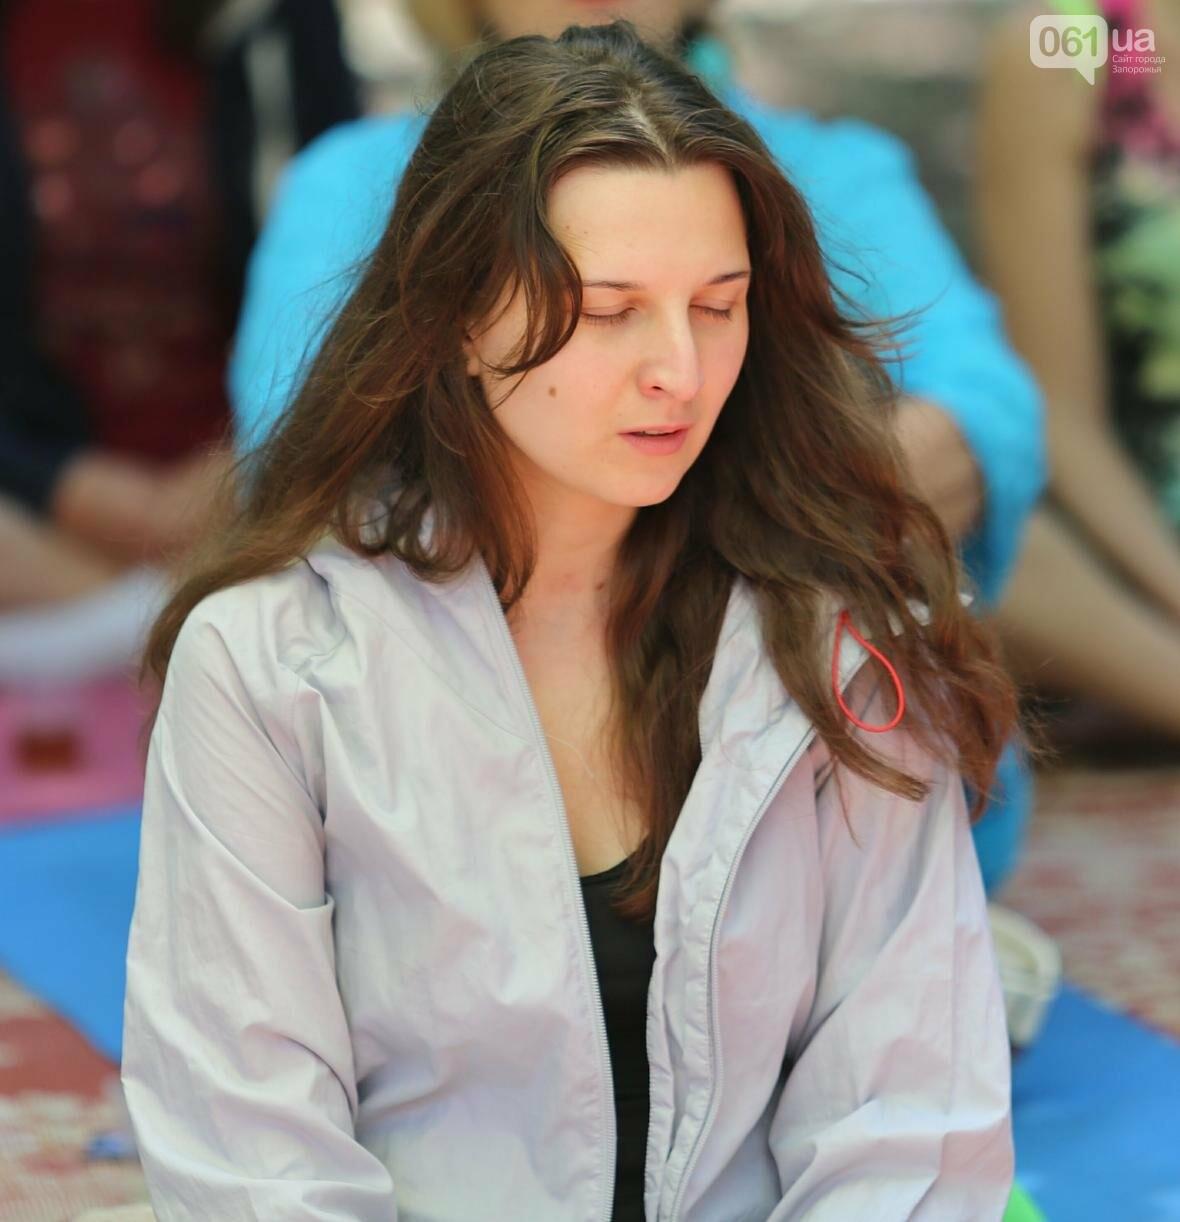 В Запорожском парке отметили международный день йоги, - ФОТОРЕПОРТАЖ, фото-3